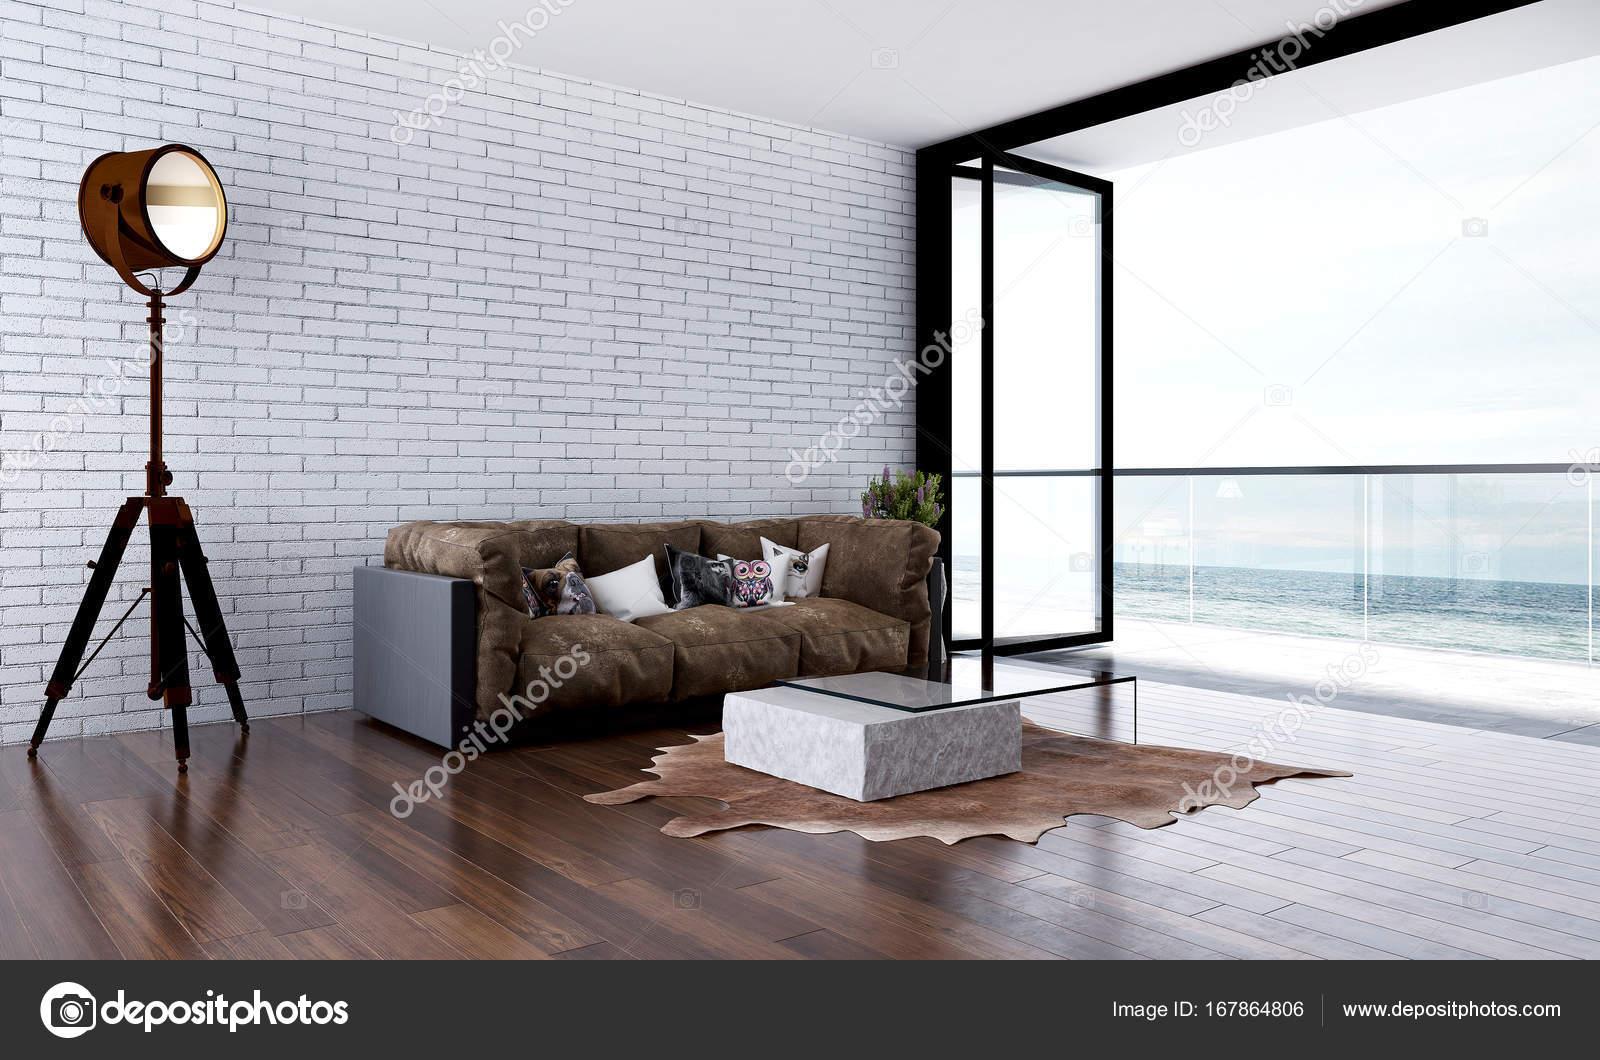 Het interieur design idee van loft woonkamer en witte bakstenen muur